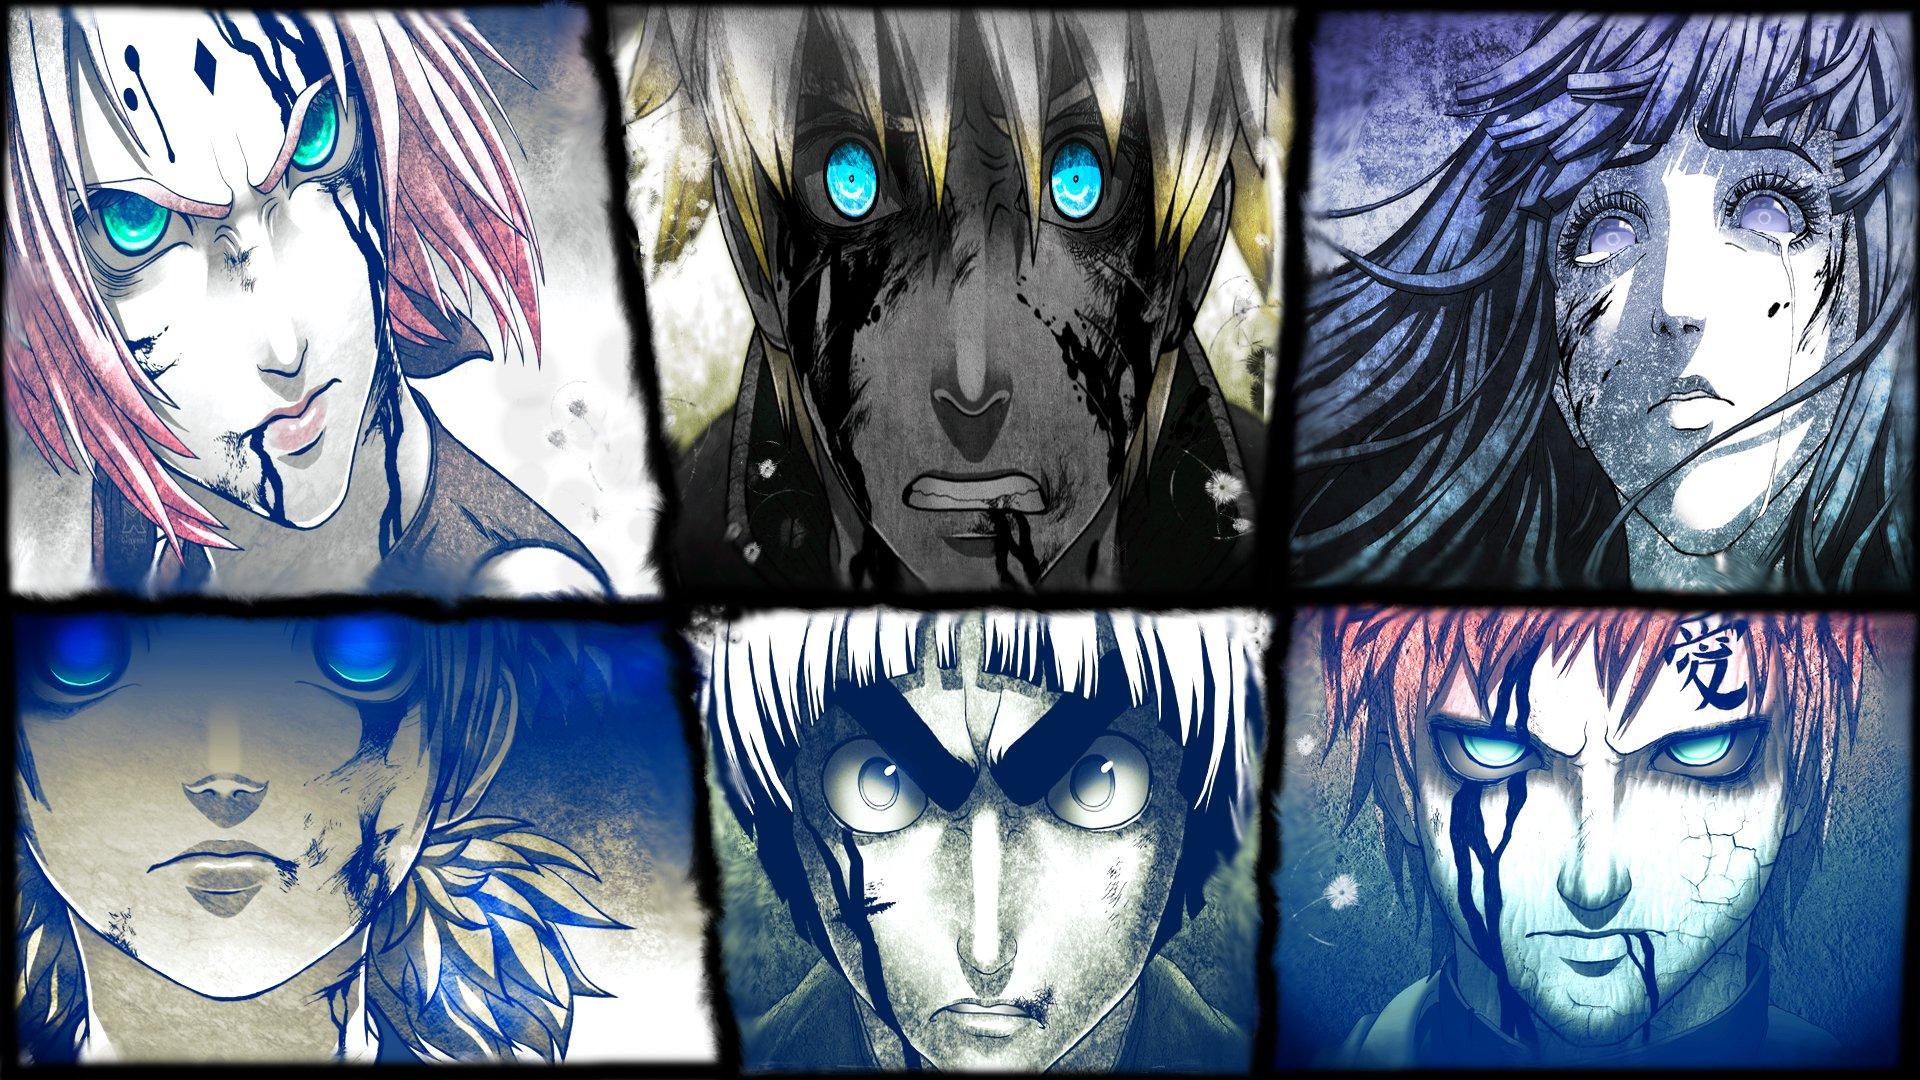 Kakashi Wallpaper Iphone Naruto Collage Fondo De Pantalla Hd Fondo De Escritorio